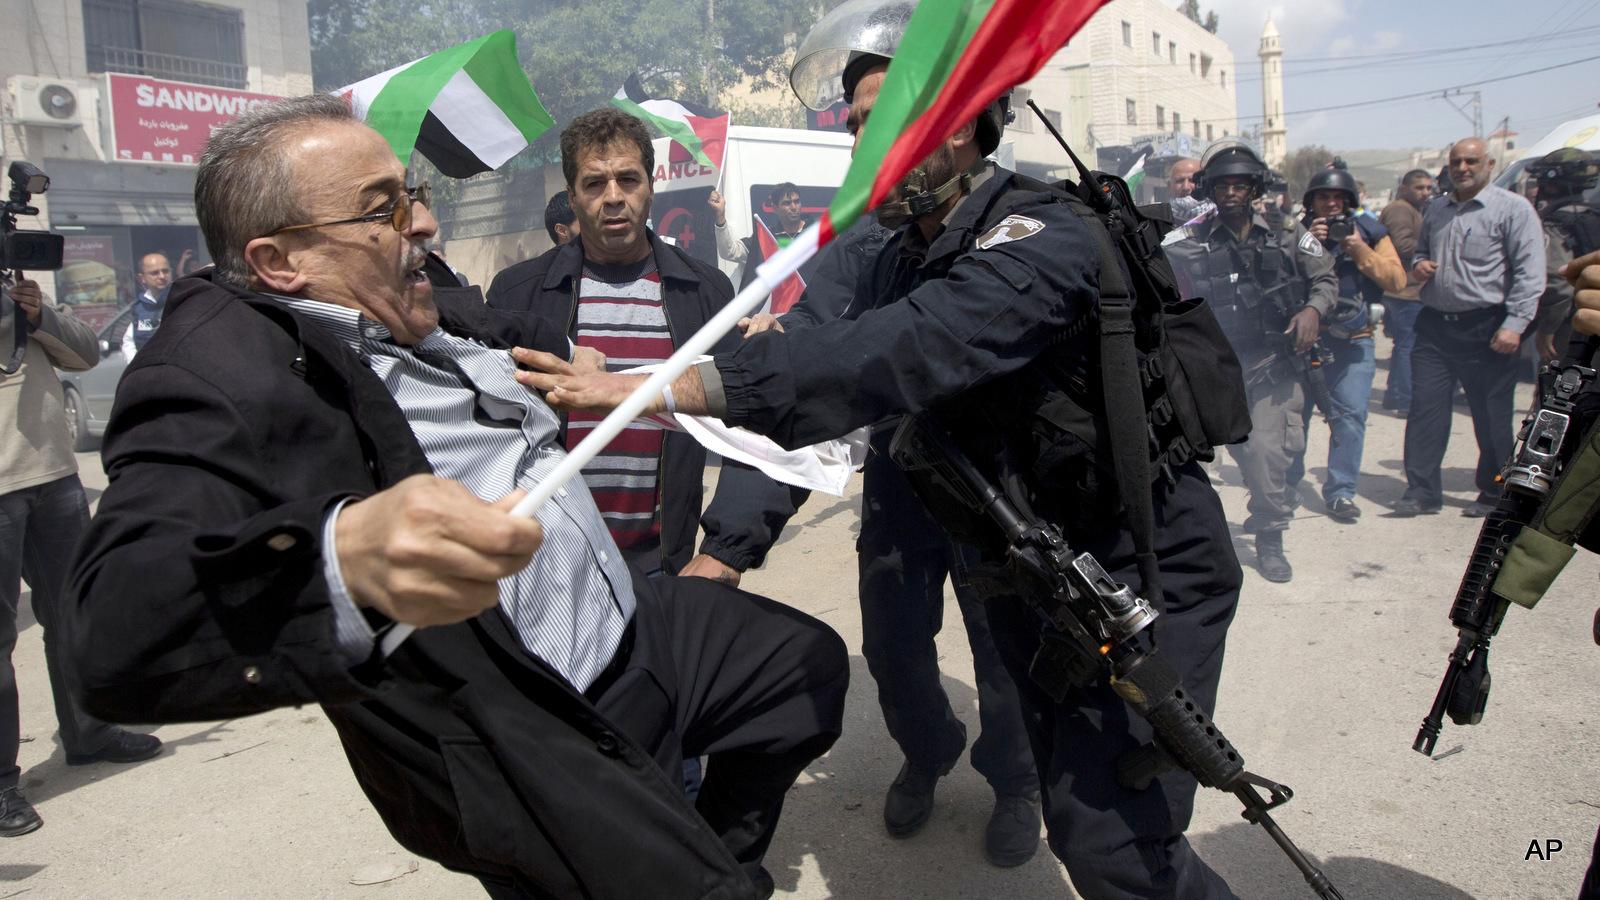 """Résultat de recherche d'images pour """"palestine, israel colonial policy in west bank,"""""""